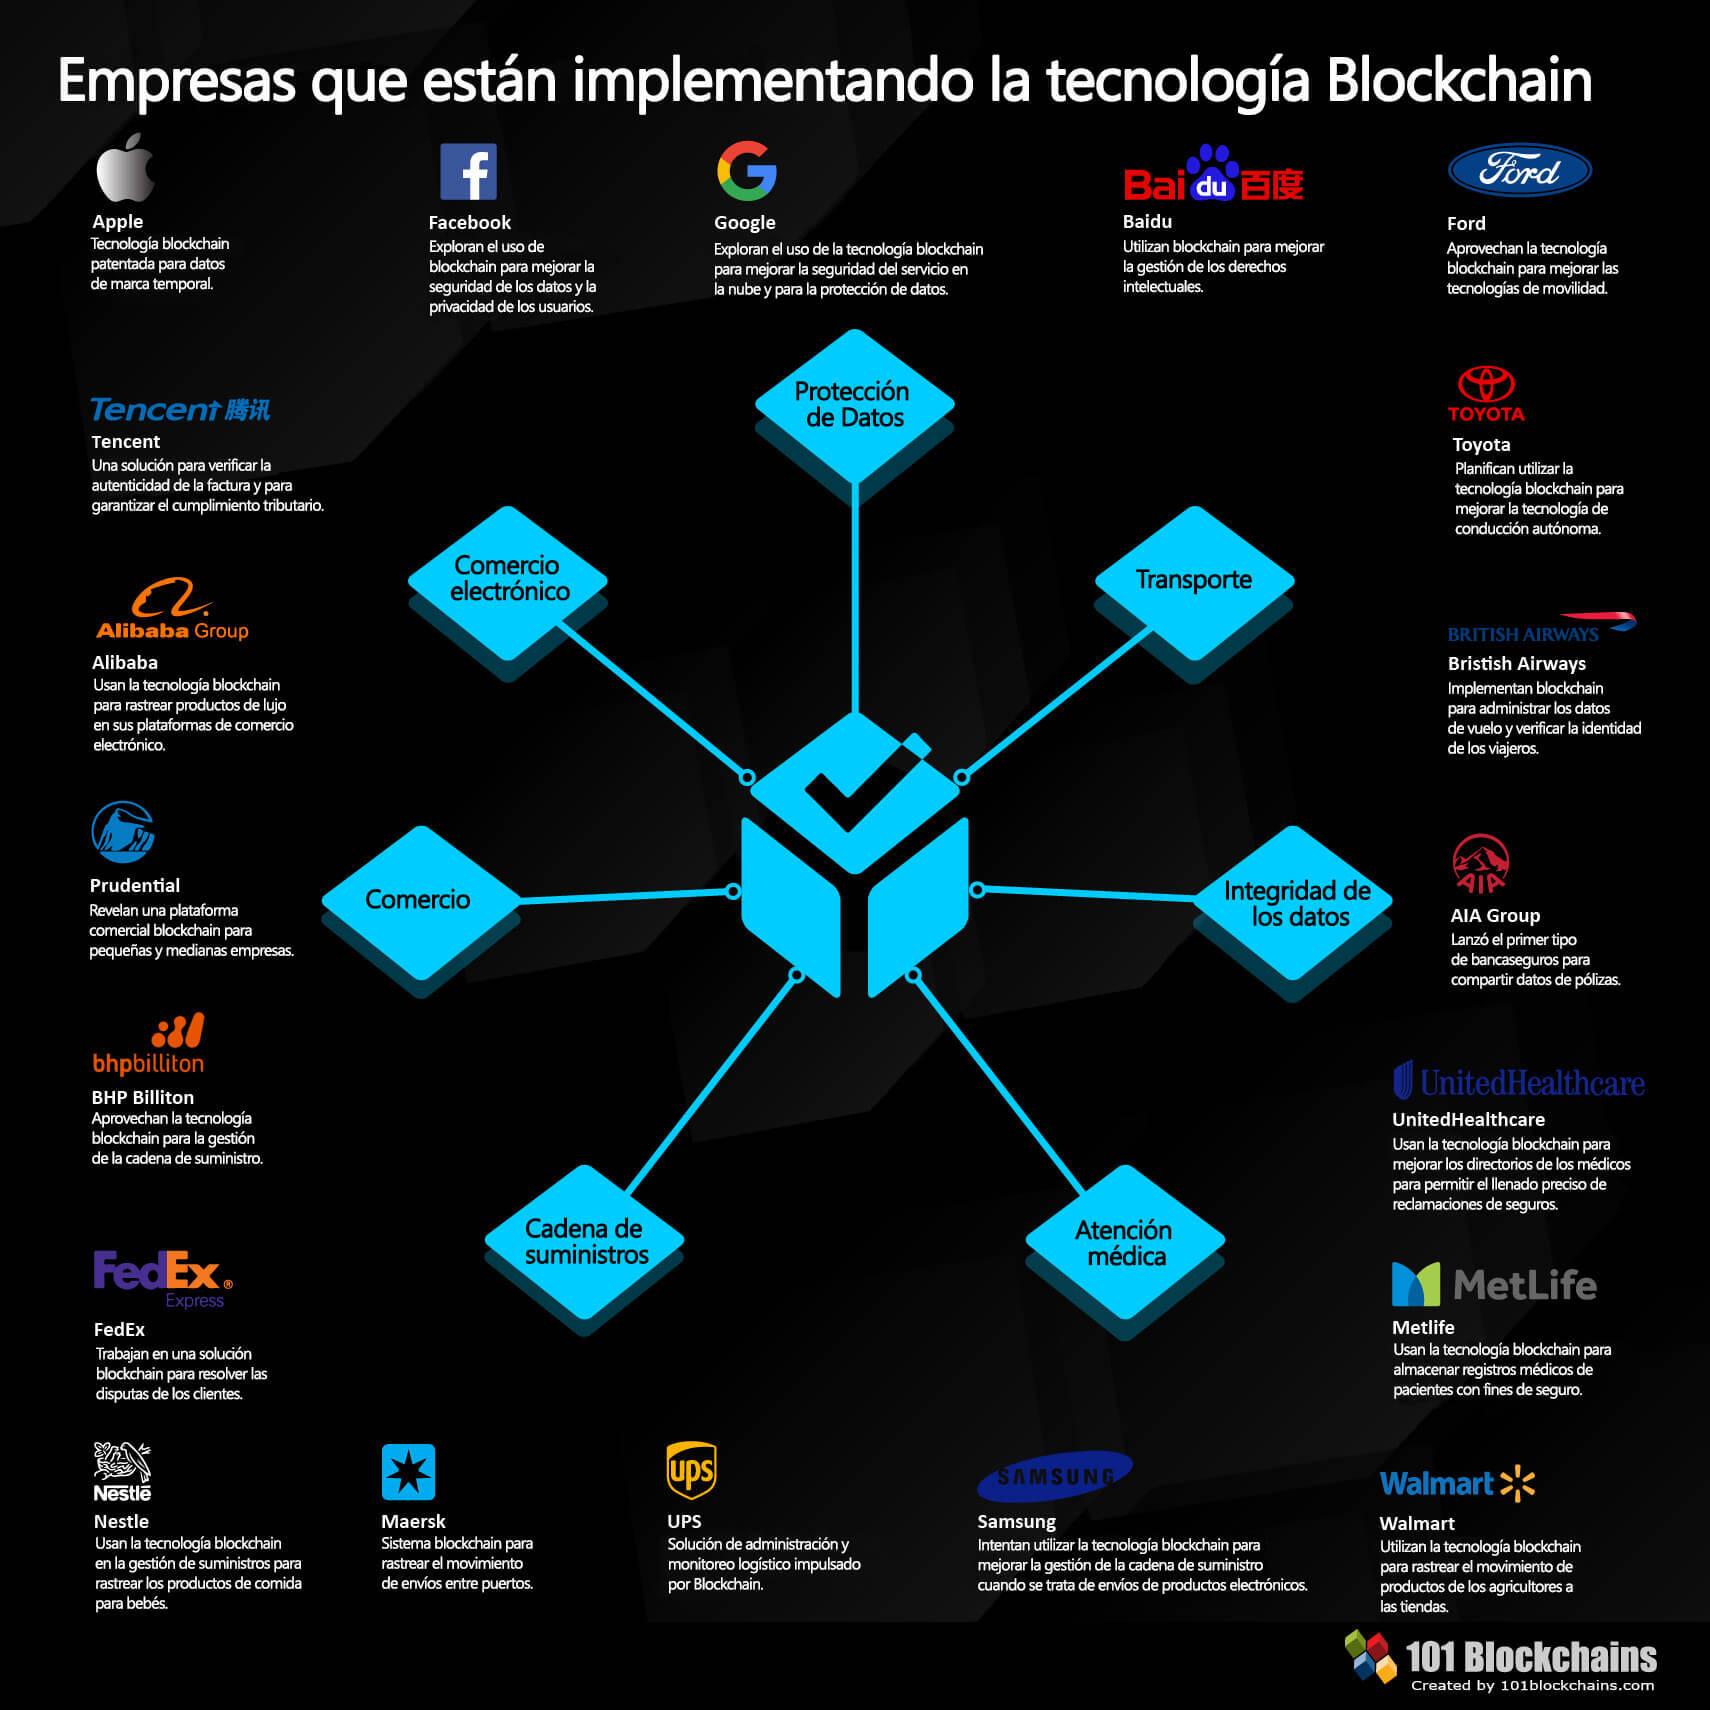 Empresas que implementan la tecnología blockchain